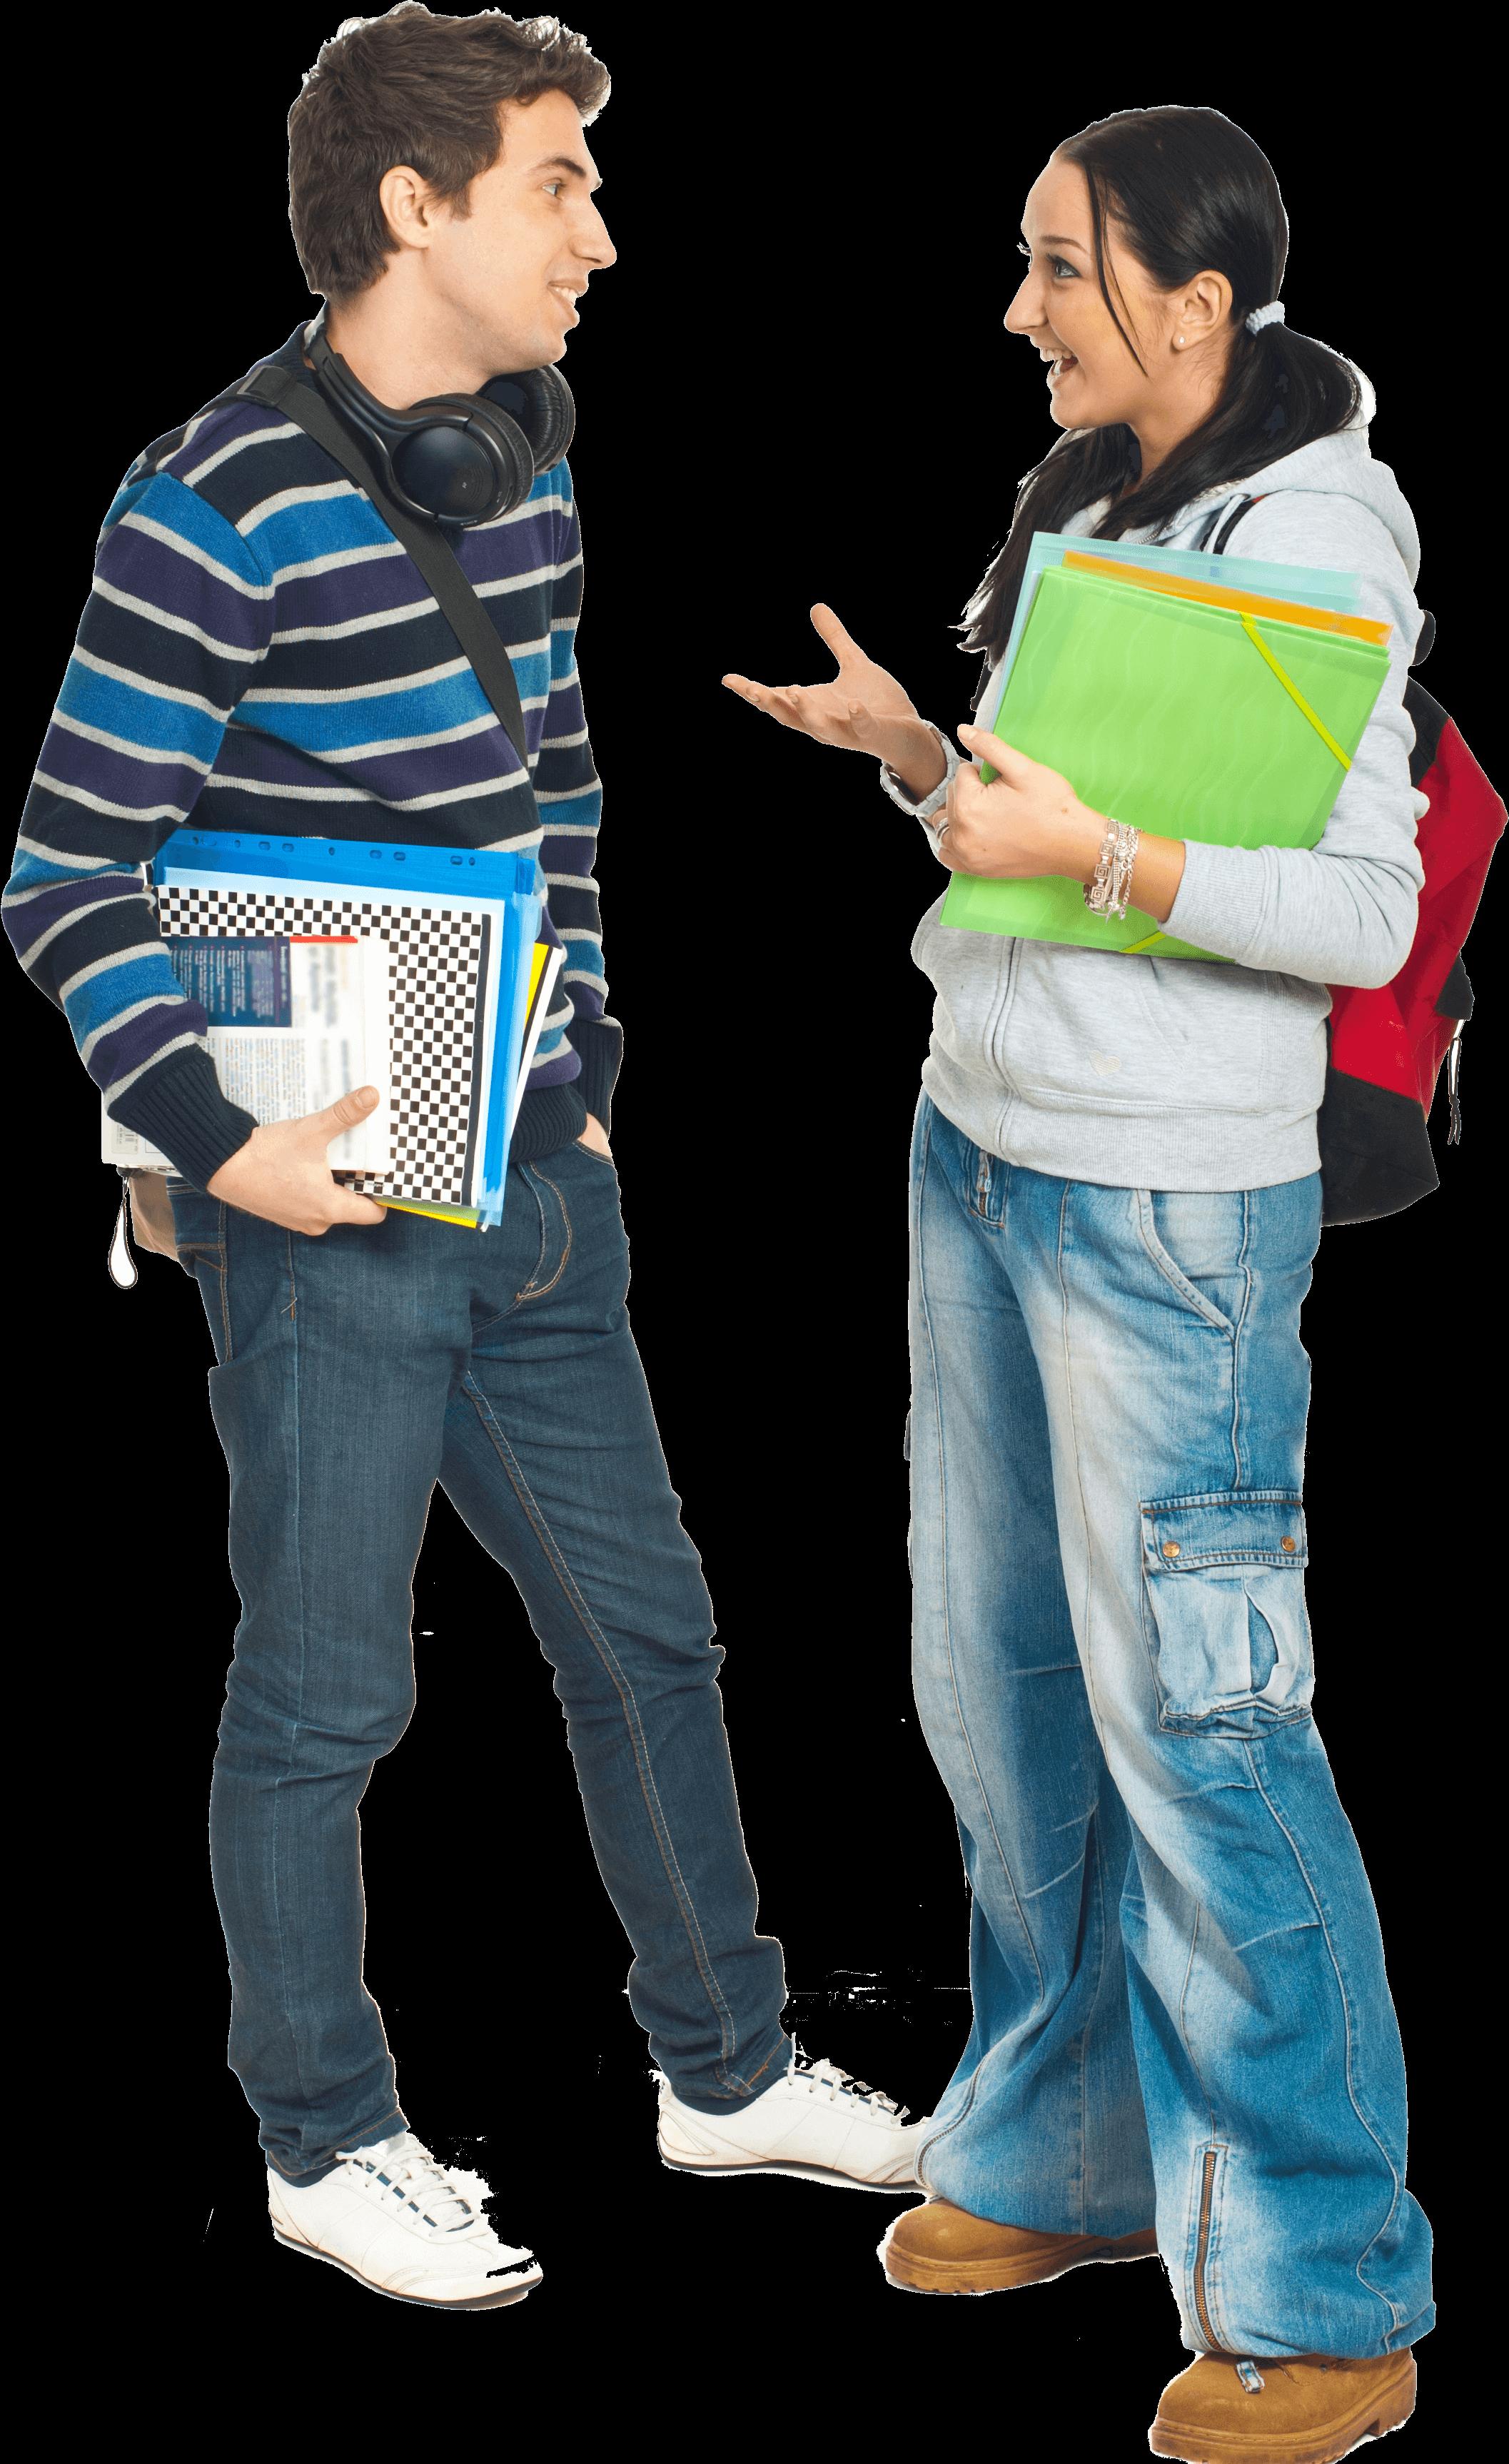 דיאלוג פתוח לקידום למידה ועבודה משותפת - זוג תלמידים משוחחים